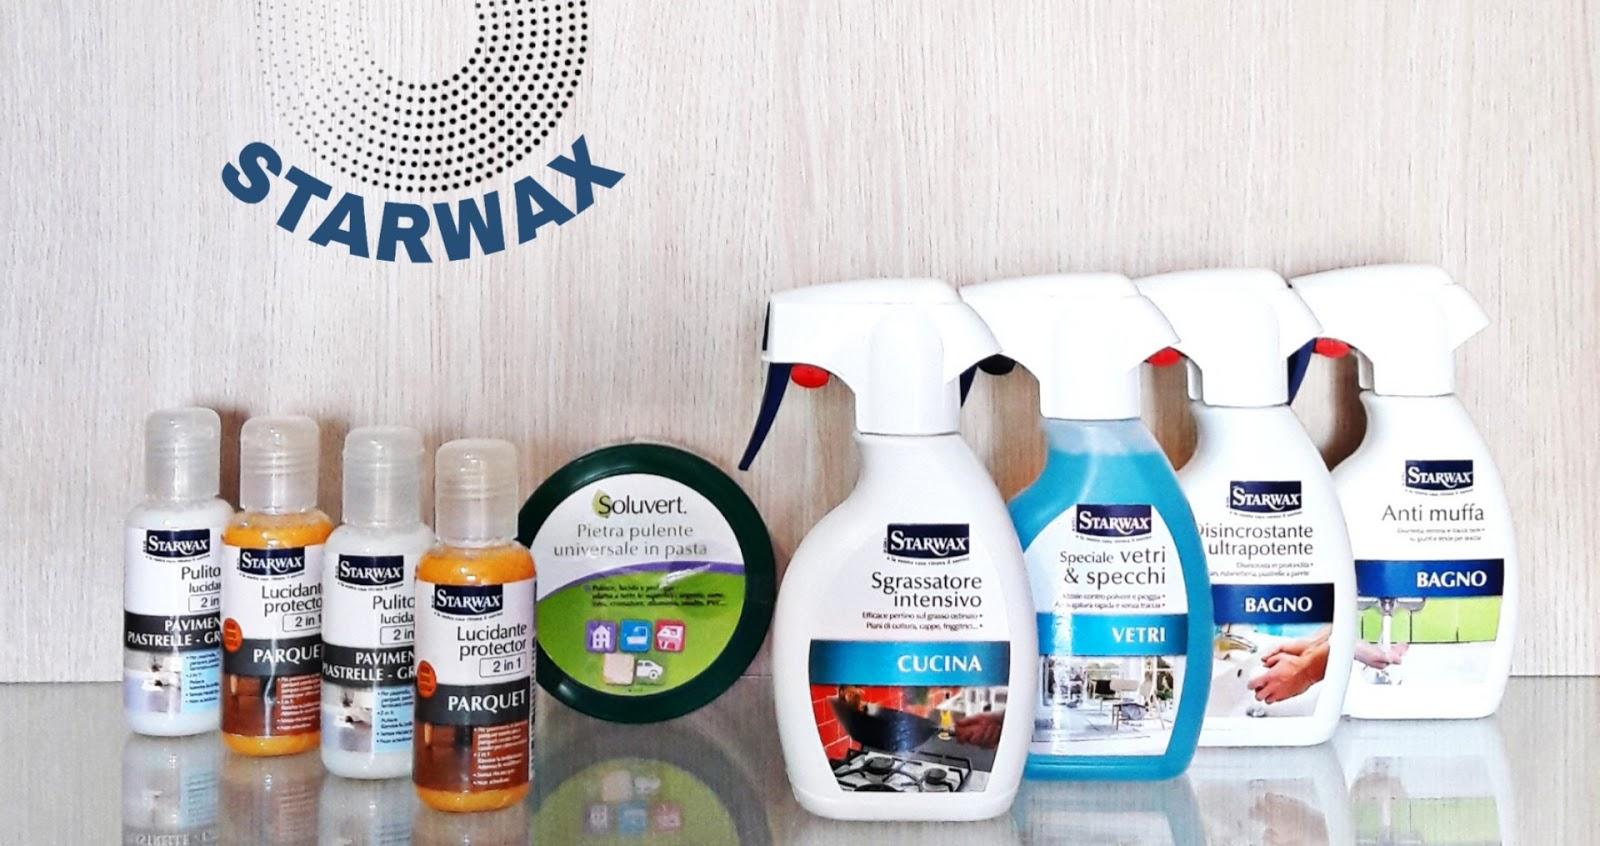 Nettare di miele igiene e pulizia della casa starwax for Paga oraria pulizie domestiche